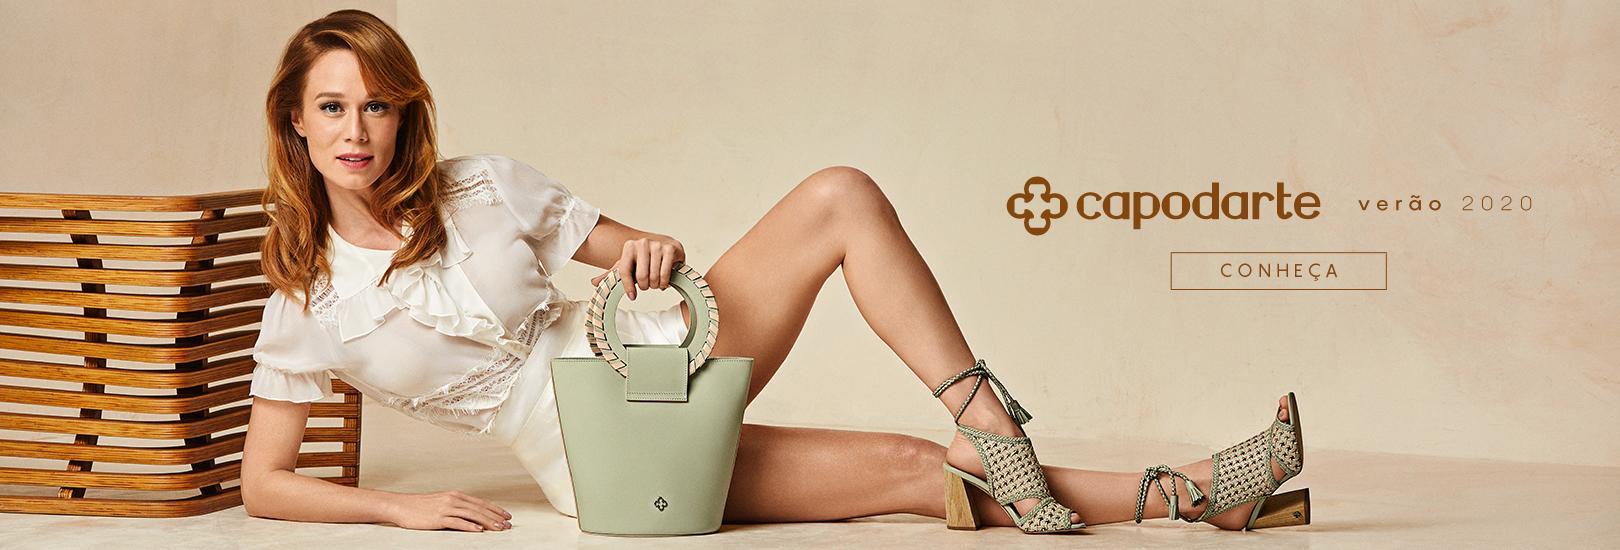 ed8083ec39 Capodarte   Sapatos, Bolsas e Acessórios